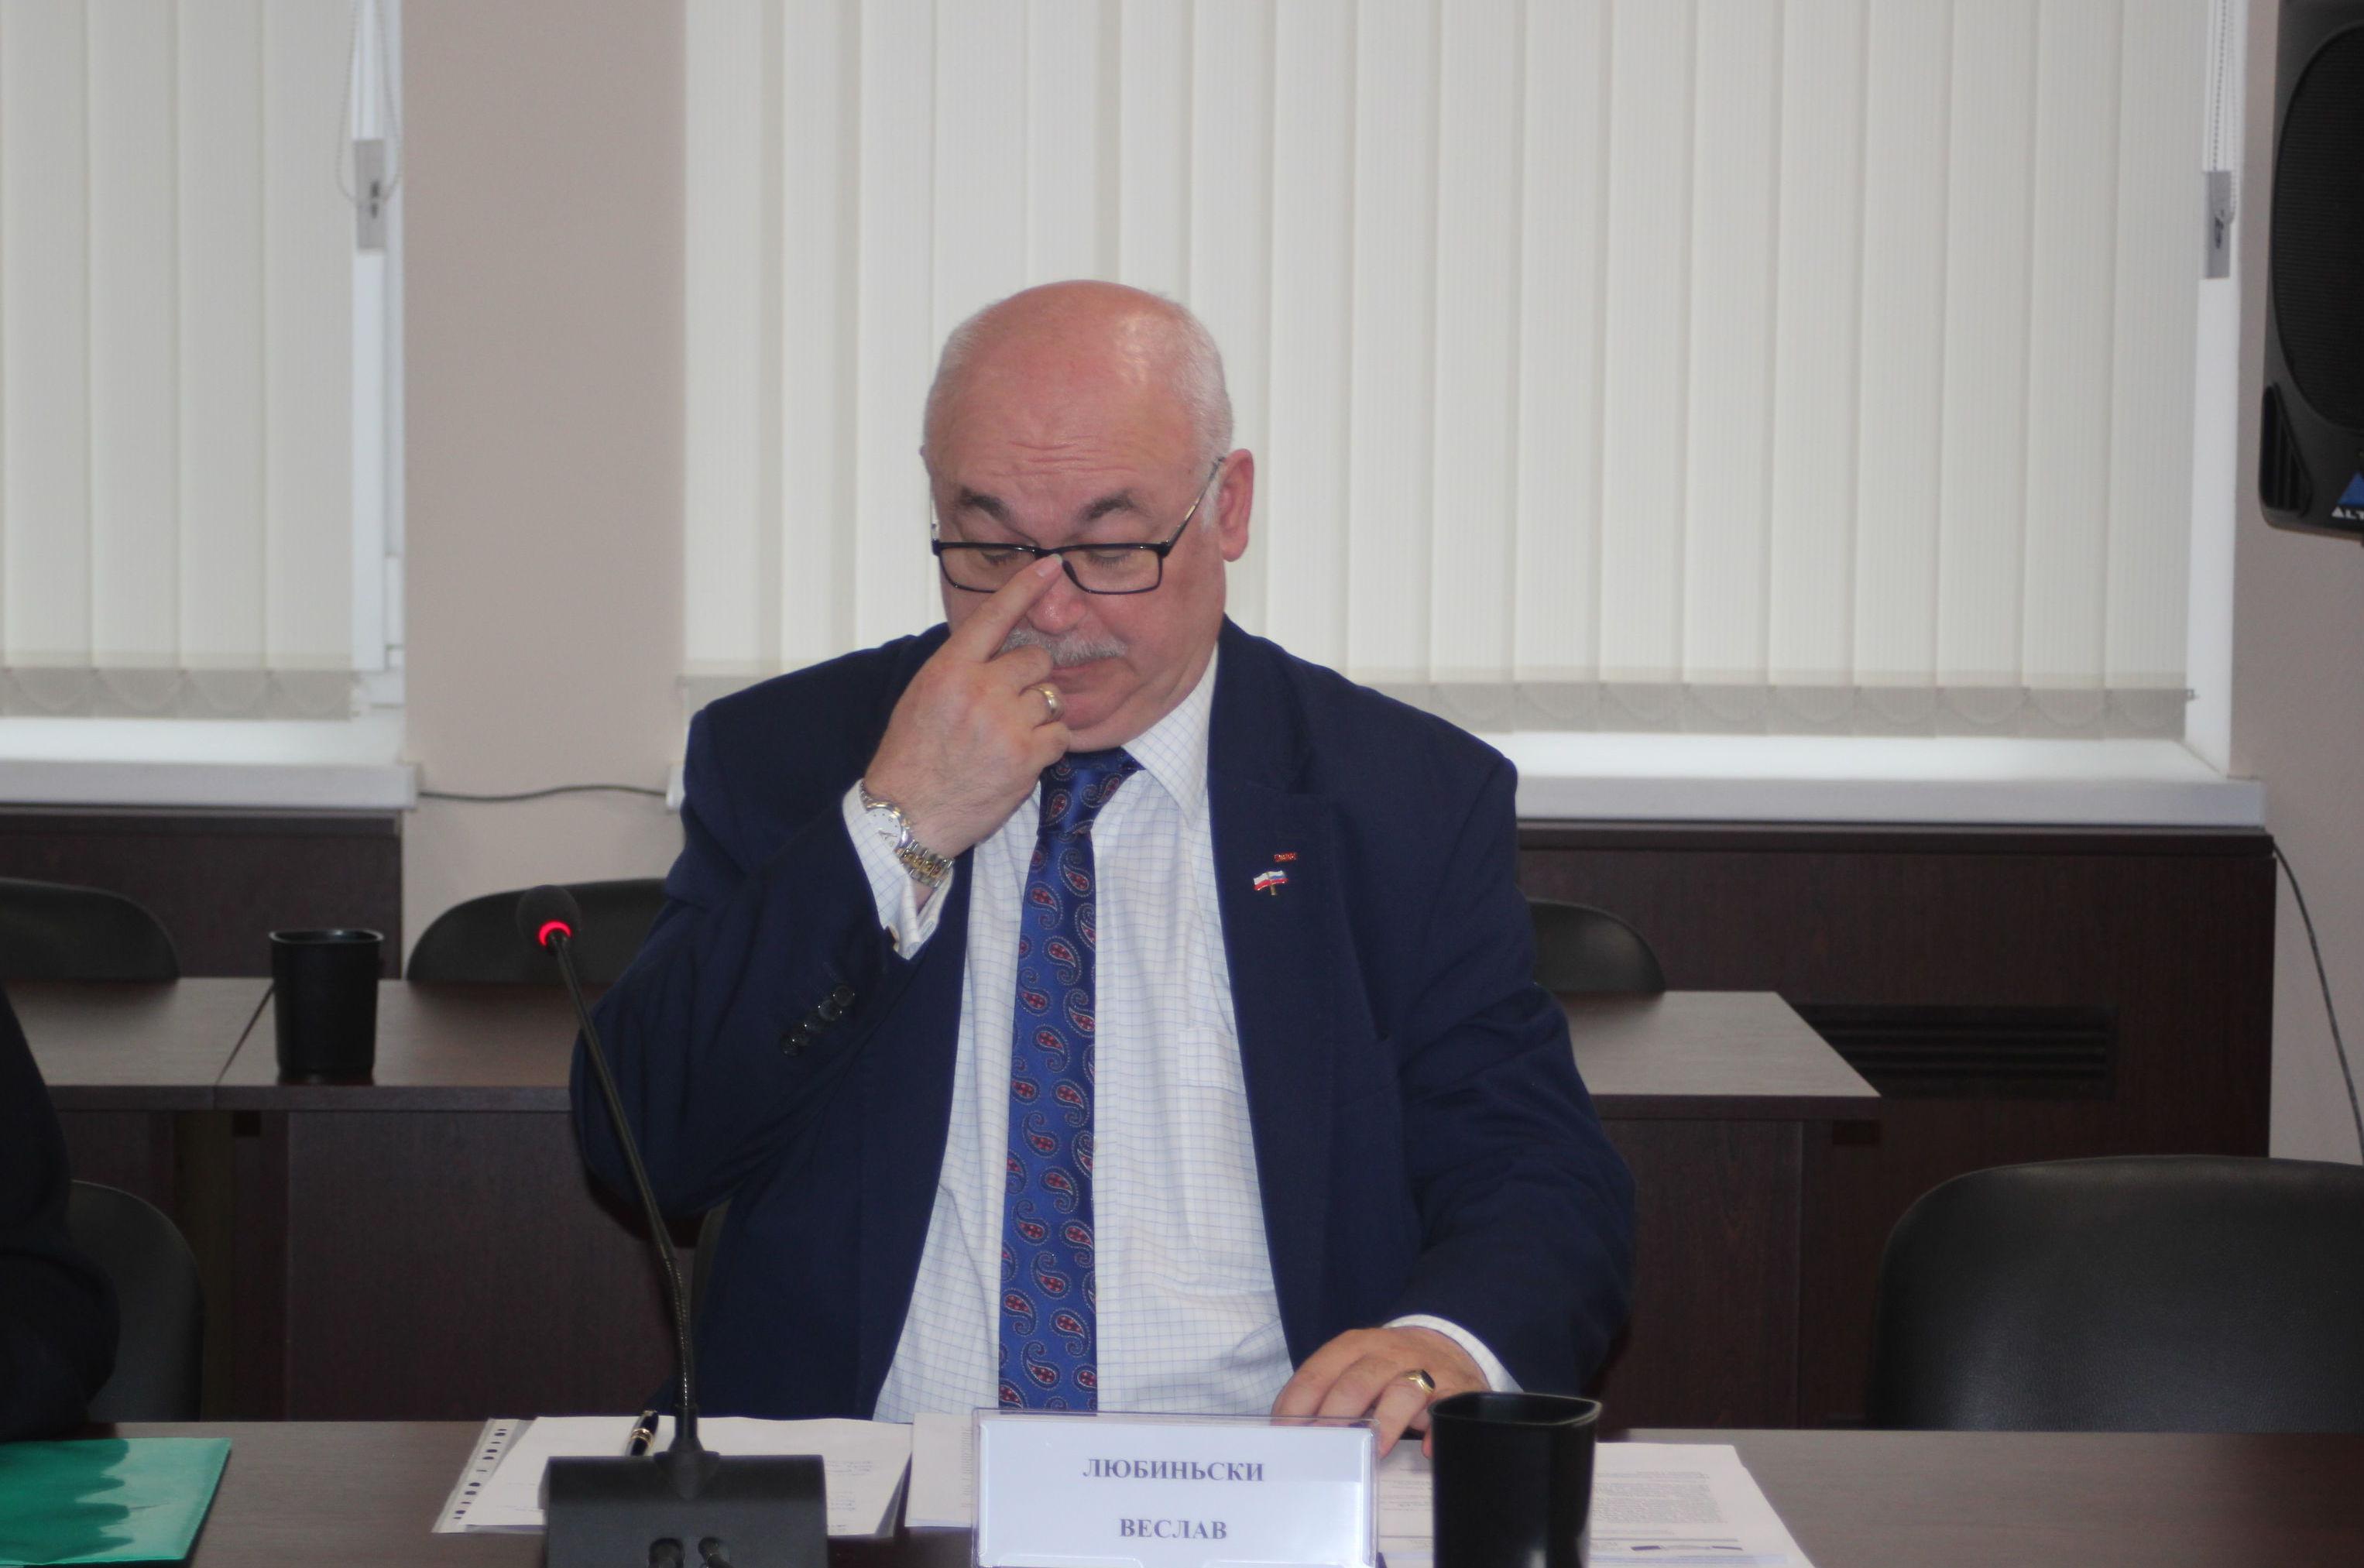 Prezes oddziału Stowarzyszenia Współpracy Polska-Wschód w Olsztynie Wiesław Łubiński